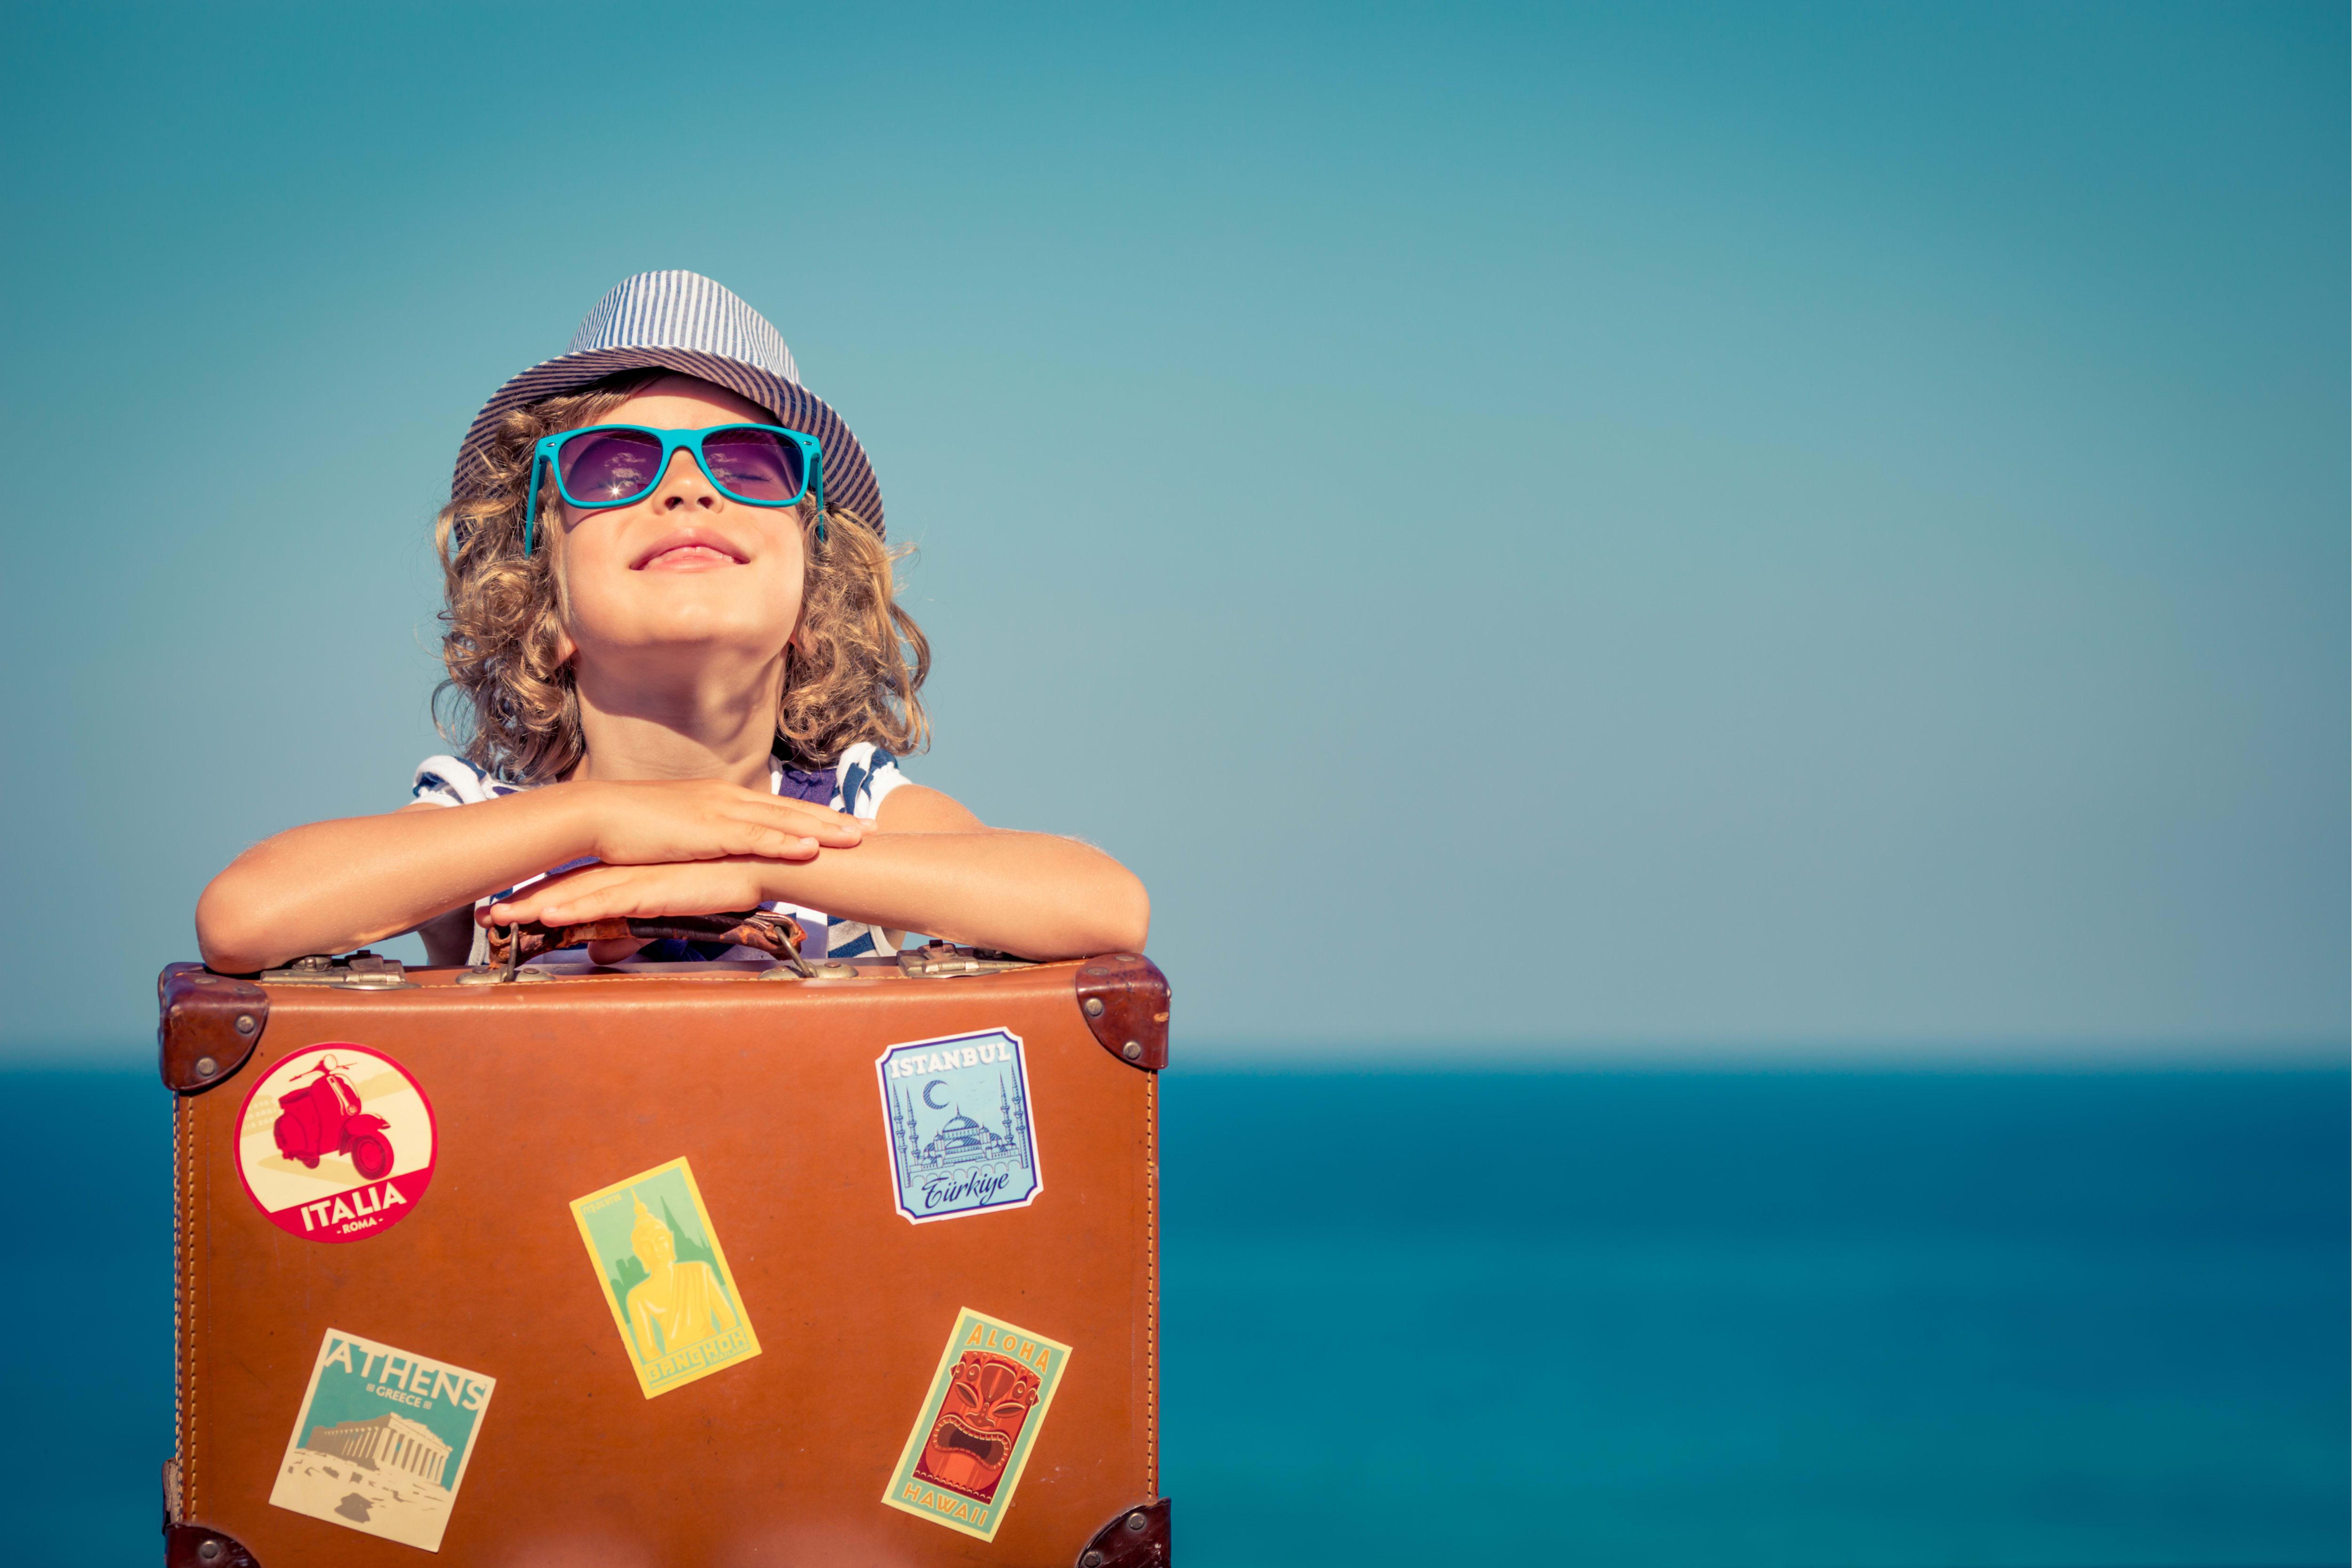 Claves para tomar vacaciones sin gastar mucho dinero (VIDEO)